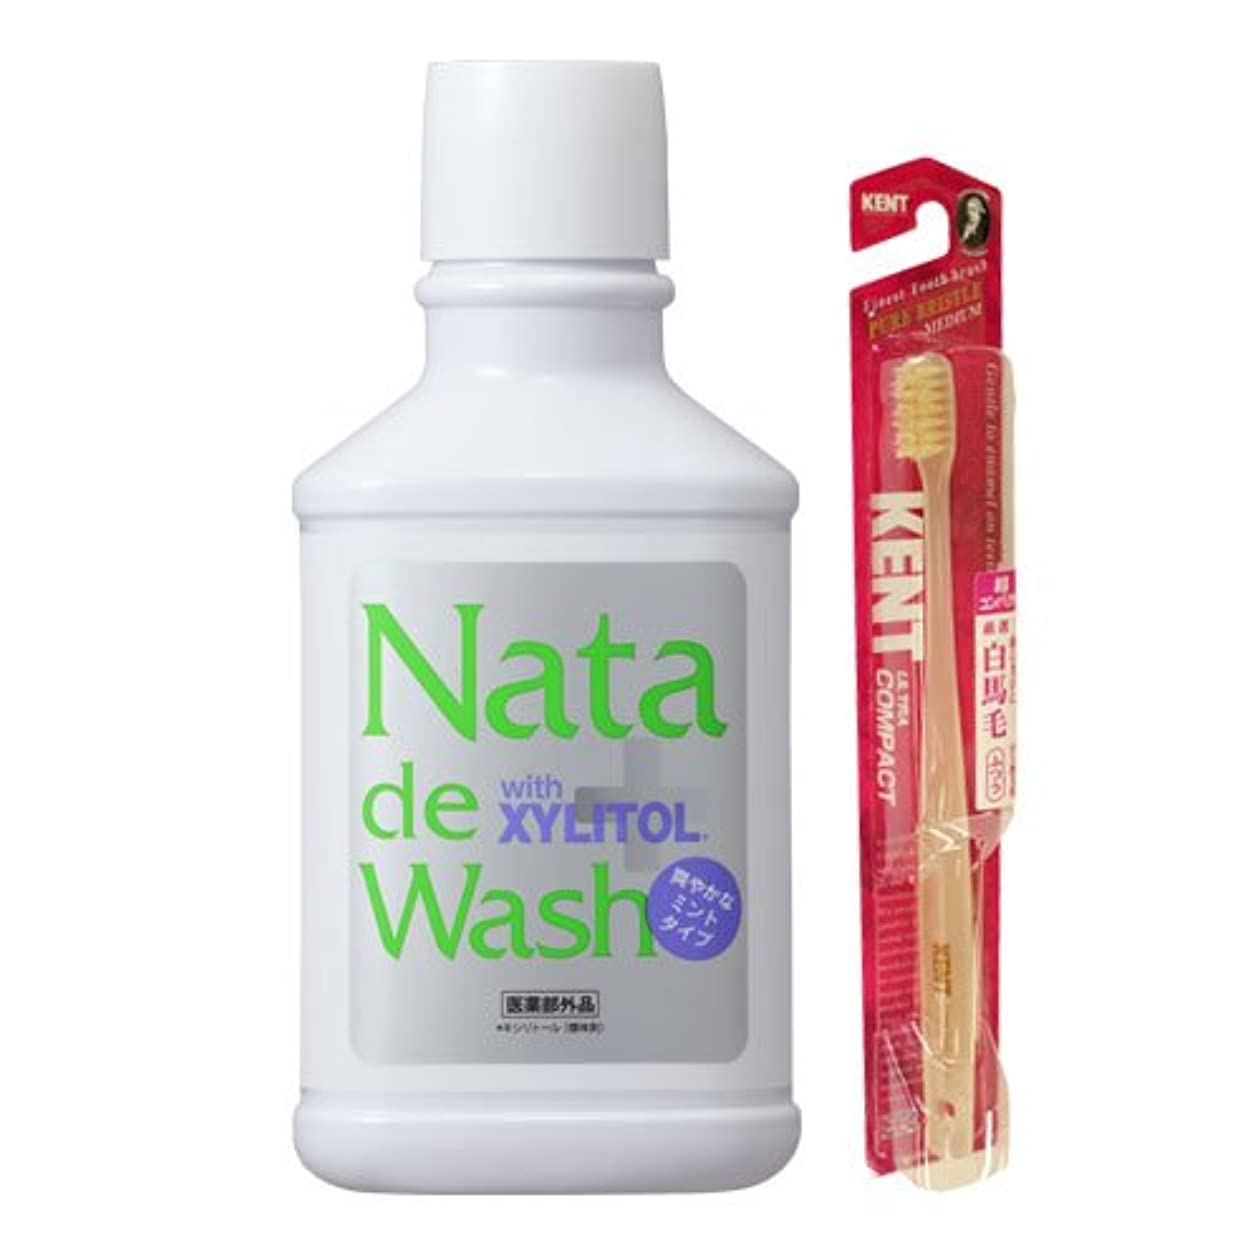 それ高める絶望的な薬用ナタデウォッシュ 爽やかなミントタイプ 500ml 1本& KENT歯ブラシ1本プレゼント